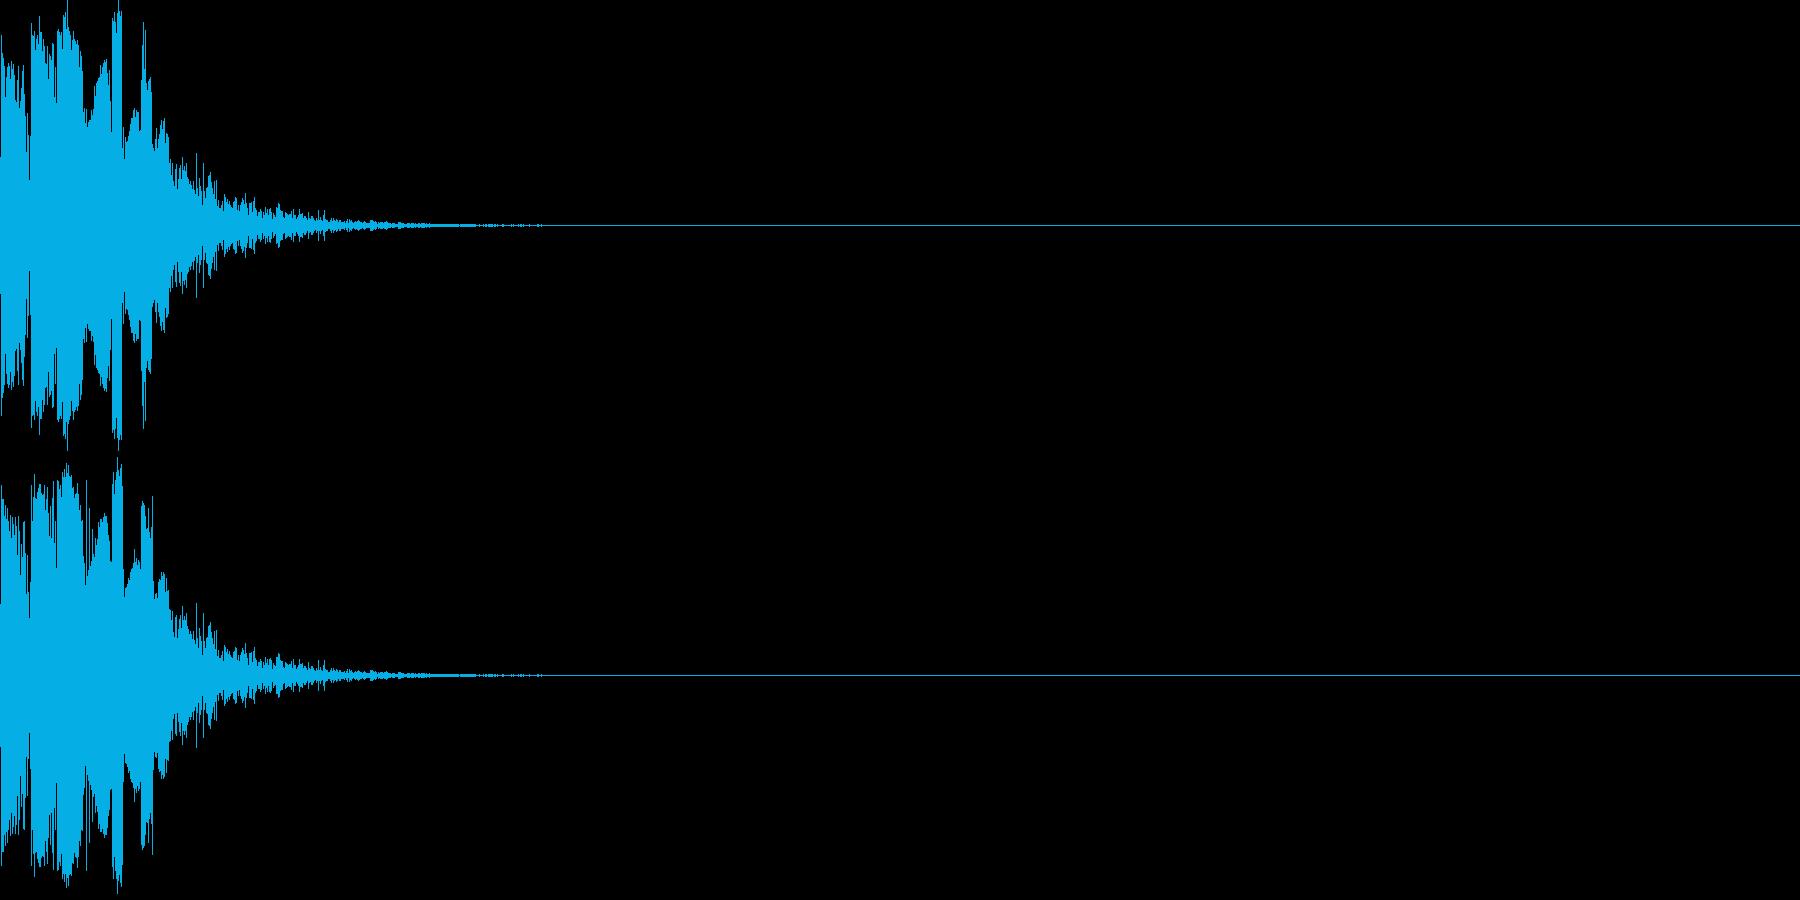 アタック系の音の再生済みの波形